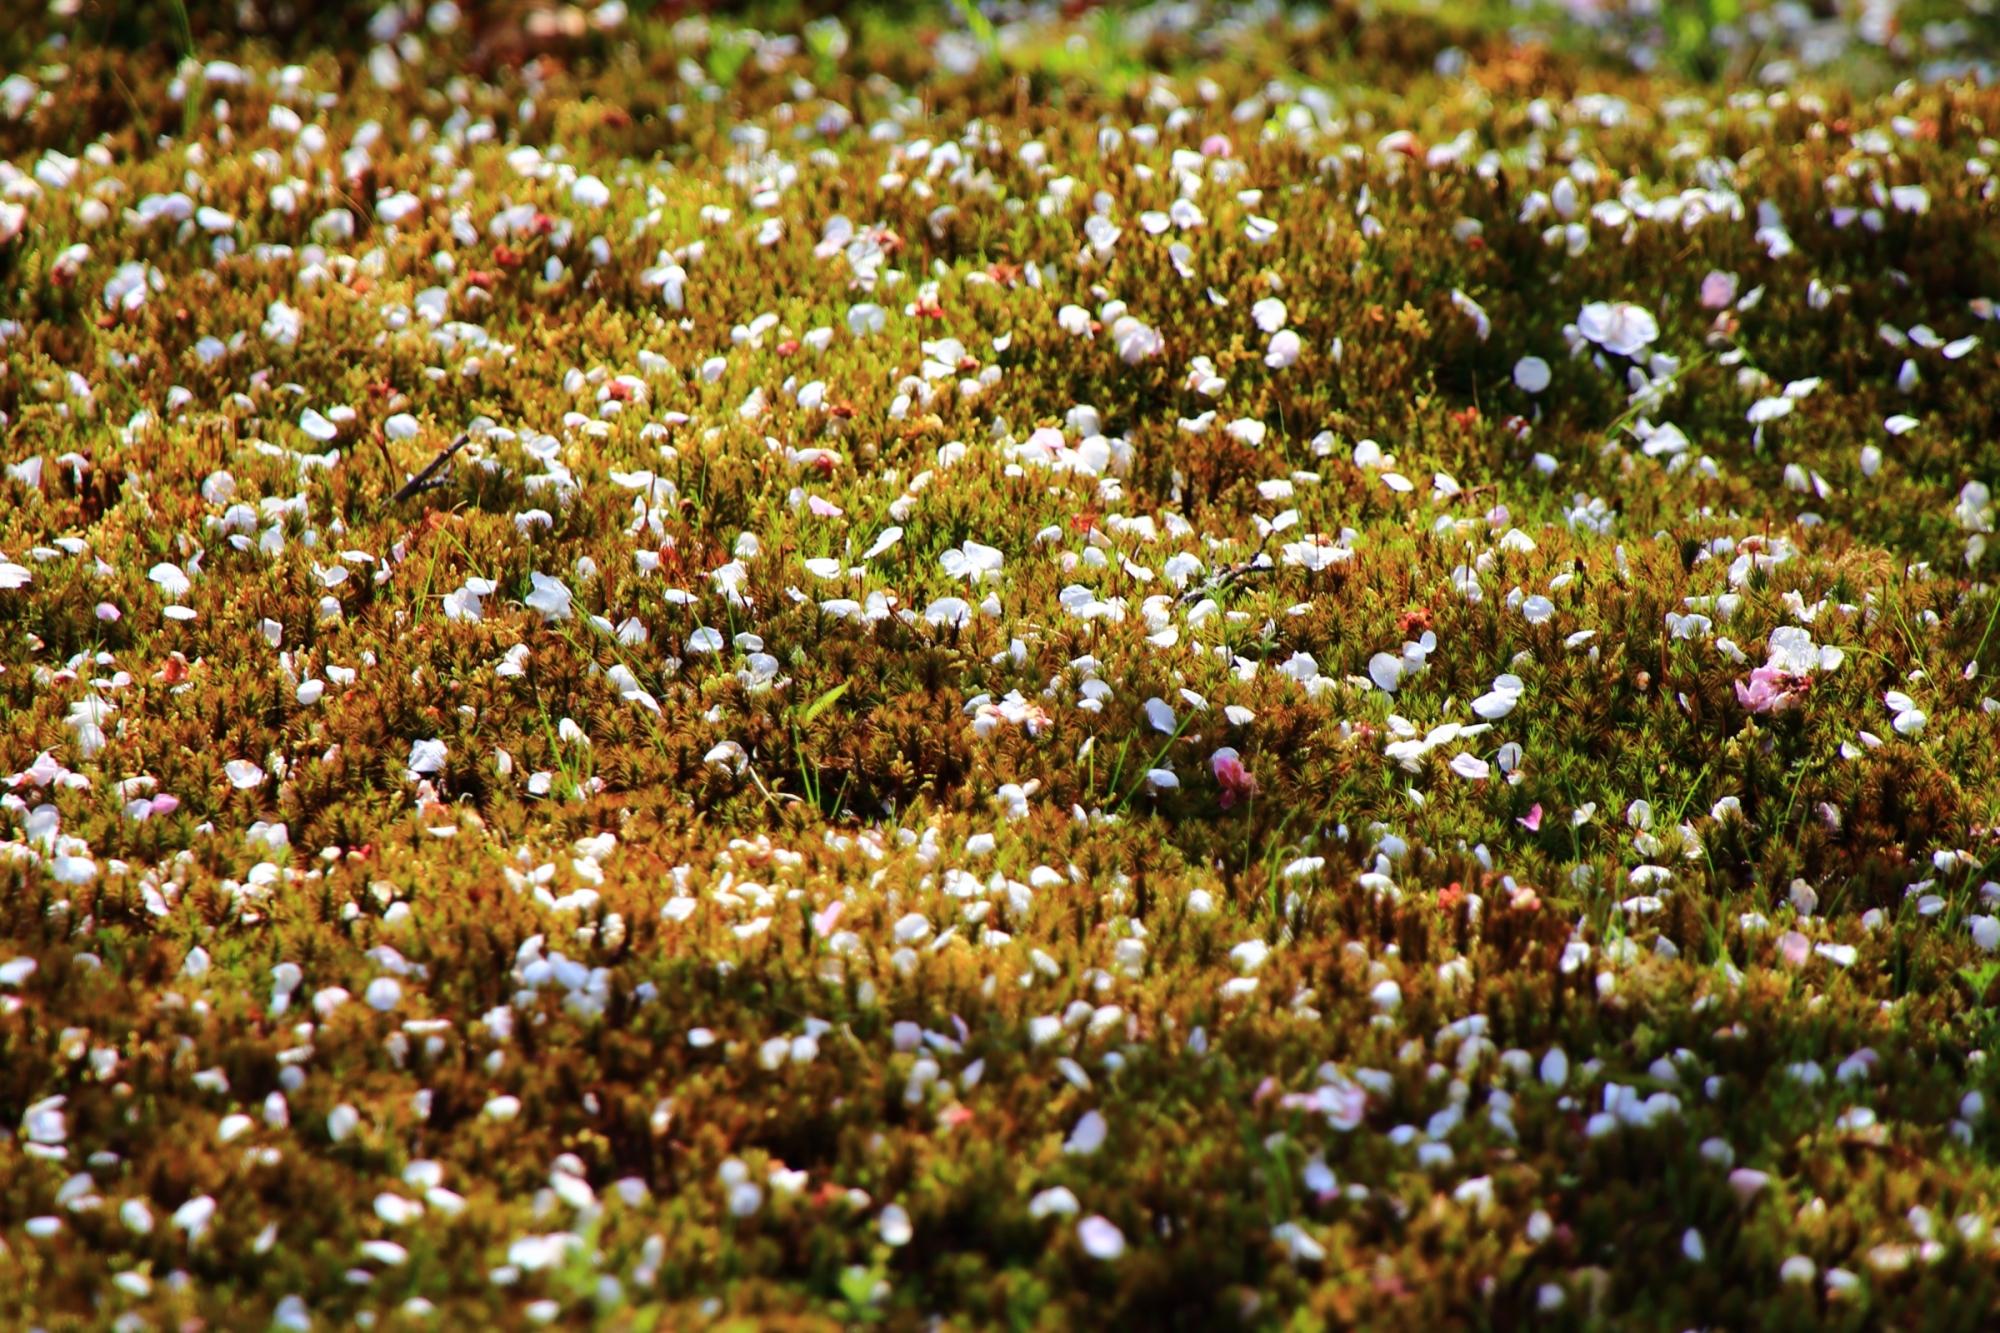 華やかな散った梅の花